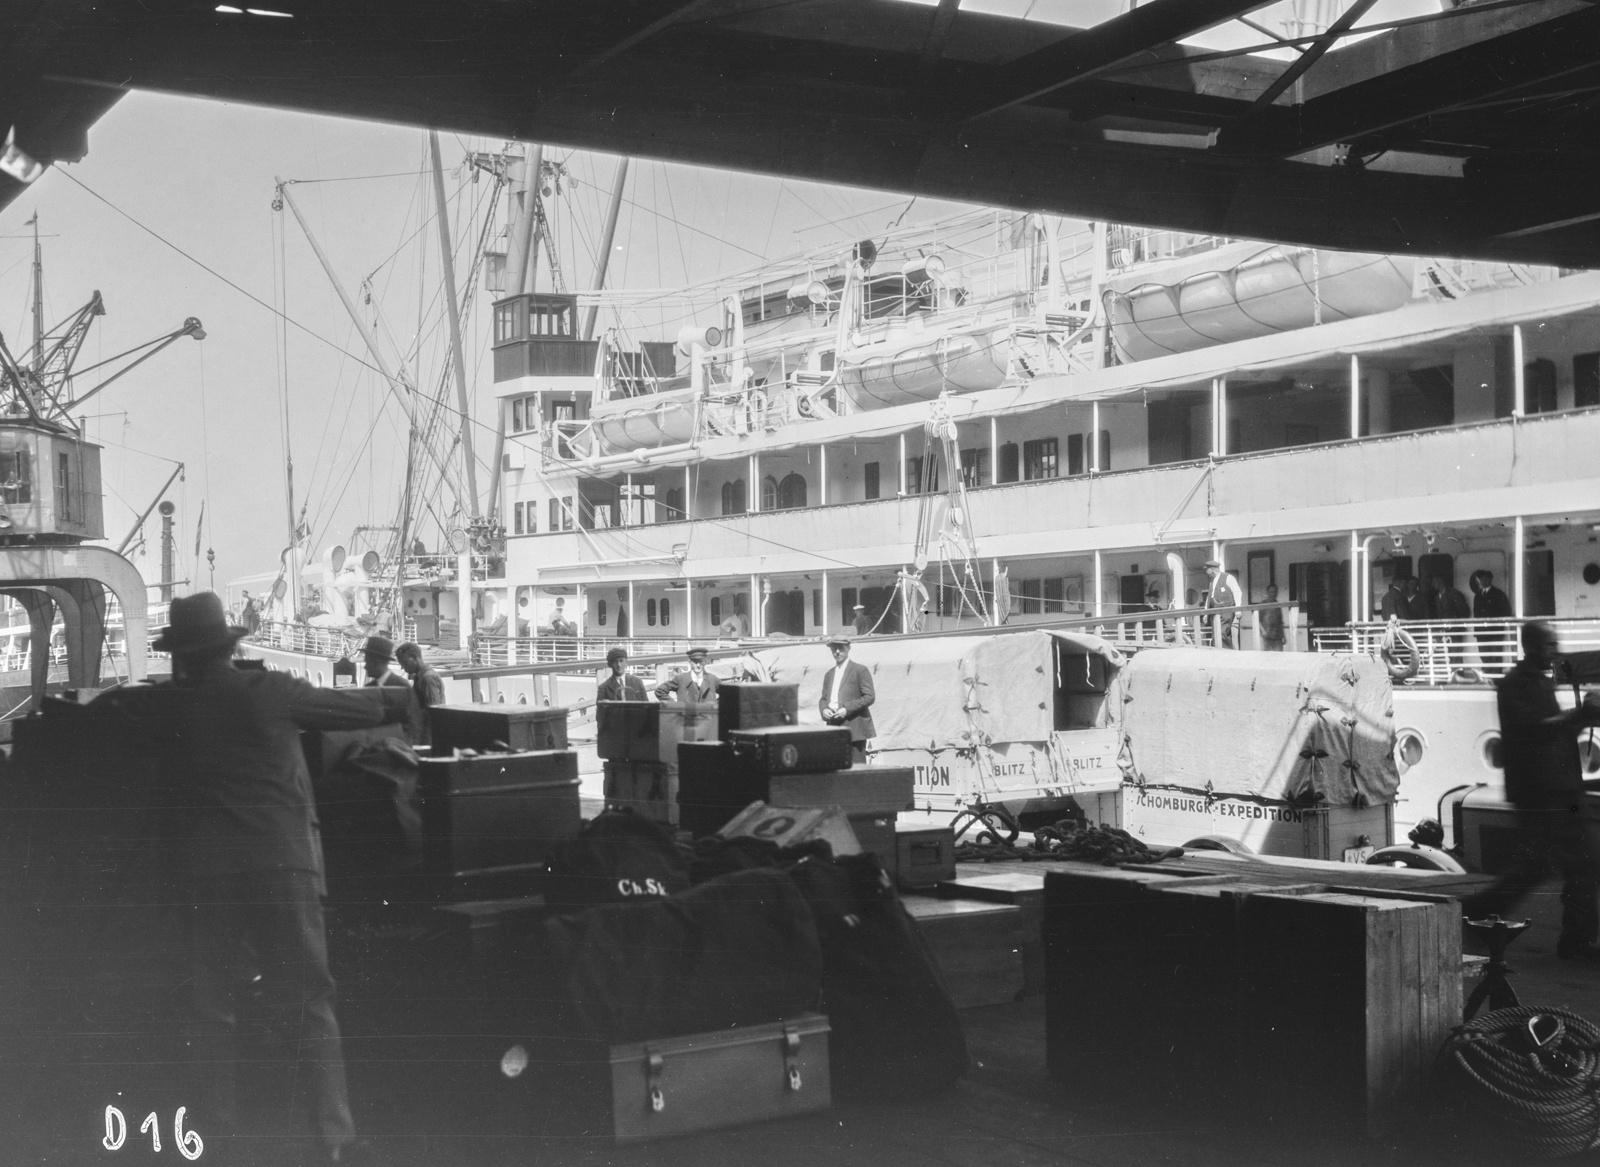 Гамбург. Загрузка необходимых экспедиционных грузов на судно в порту